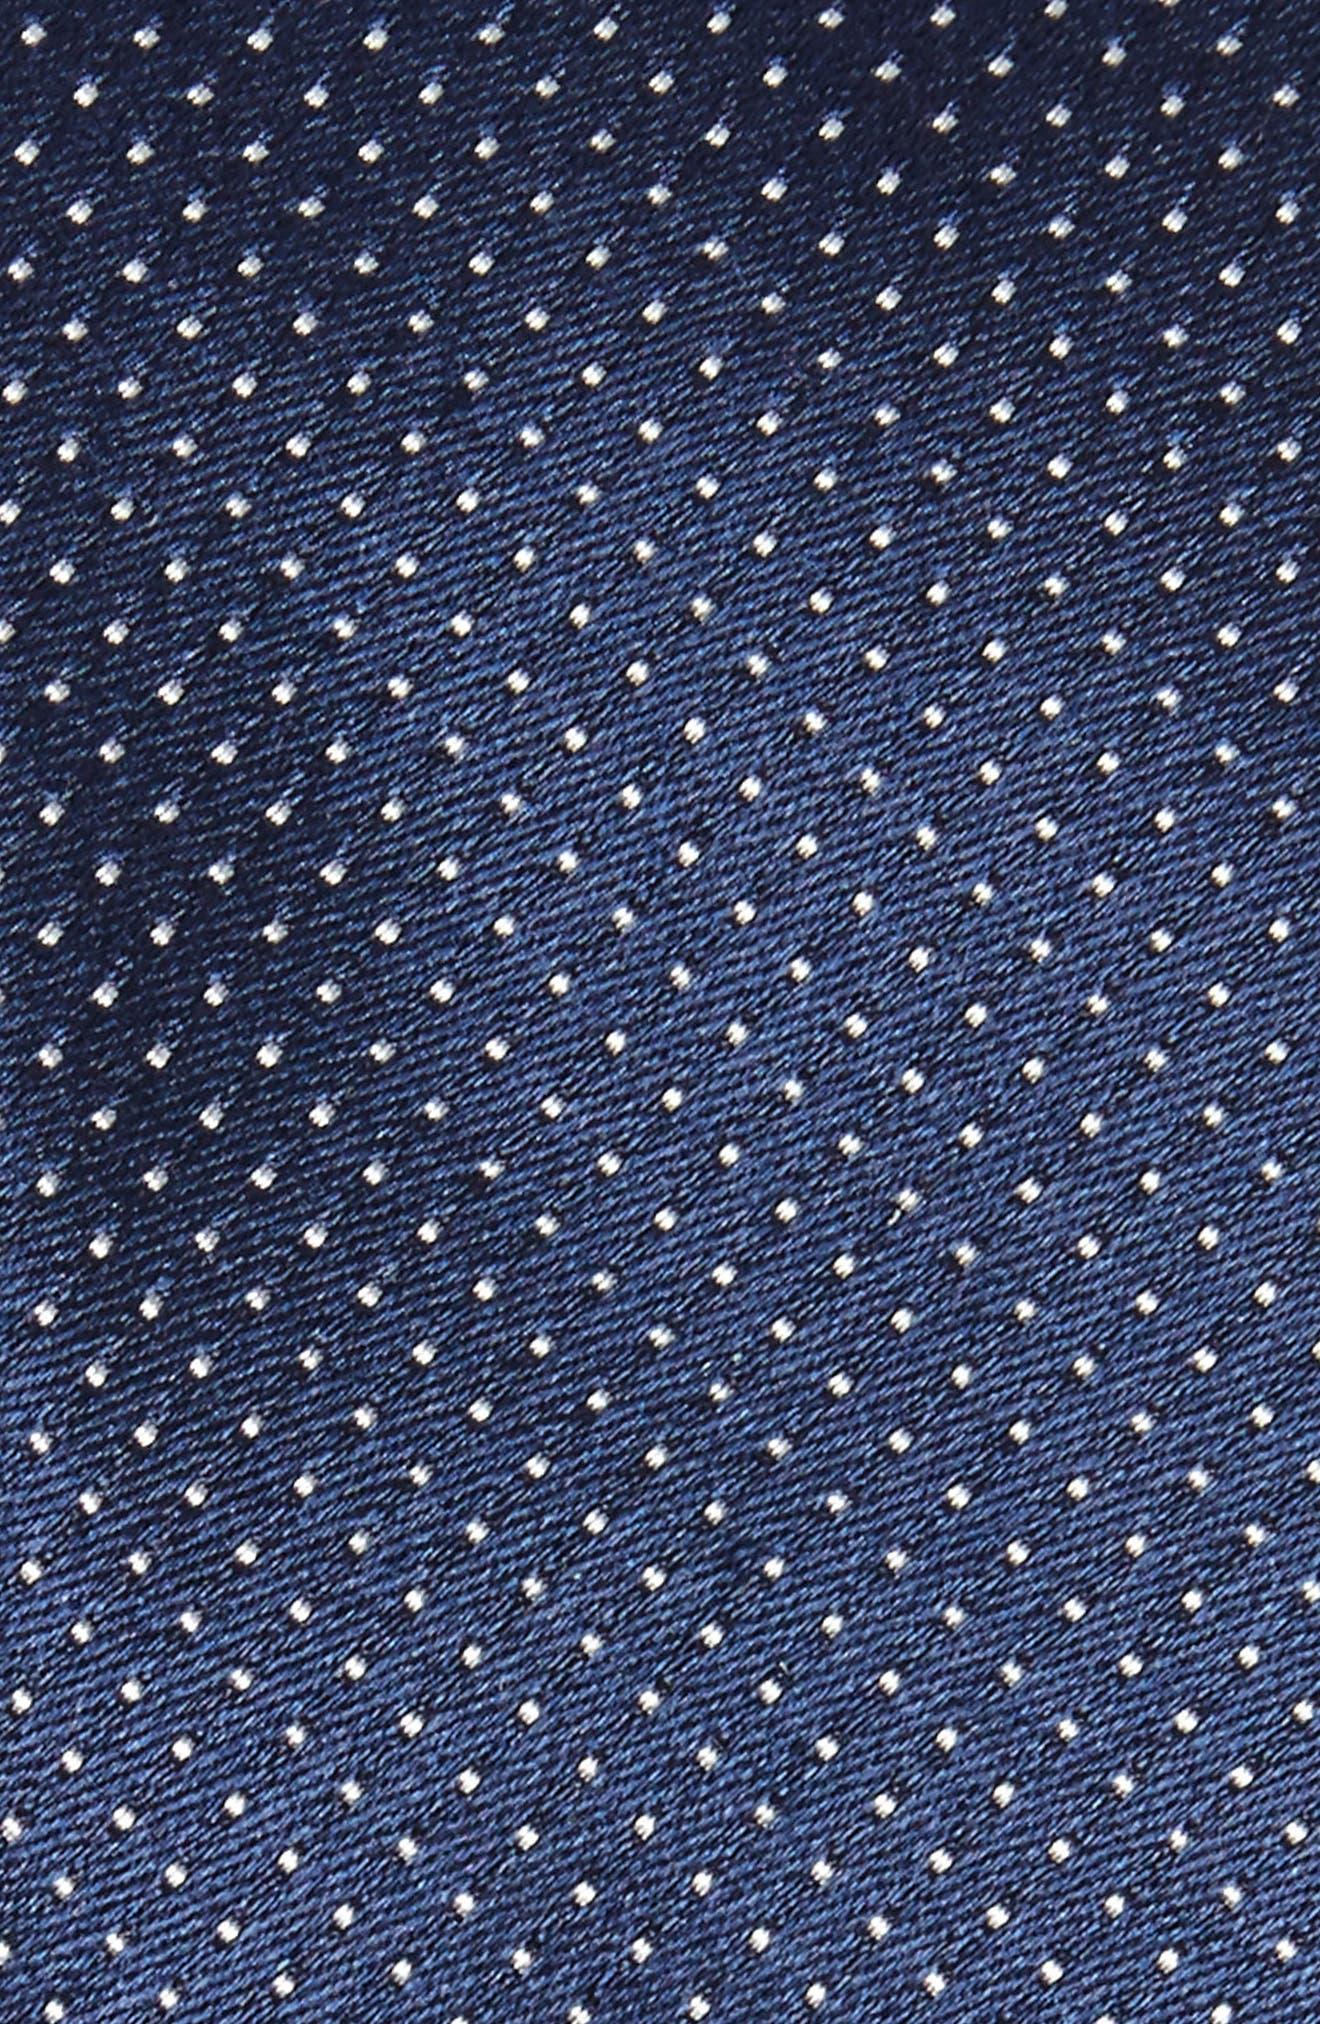 Dot Silk Skinny Tie,                             Alternate thumbnail 2, color,                             410